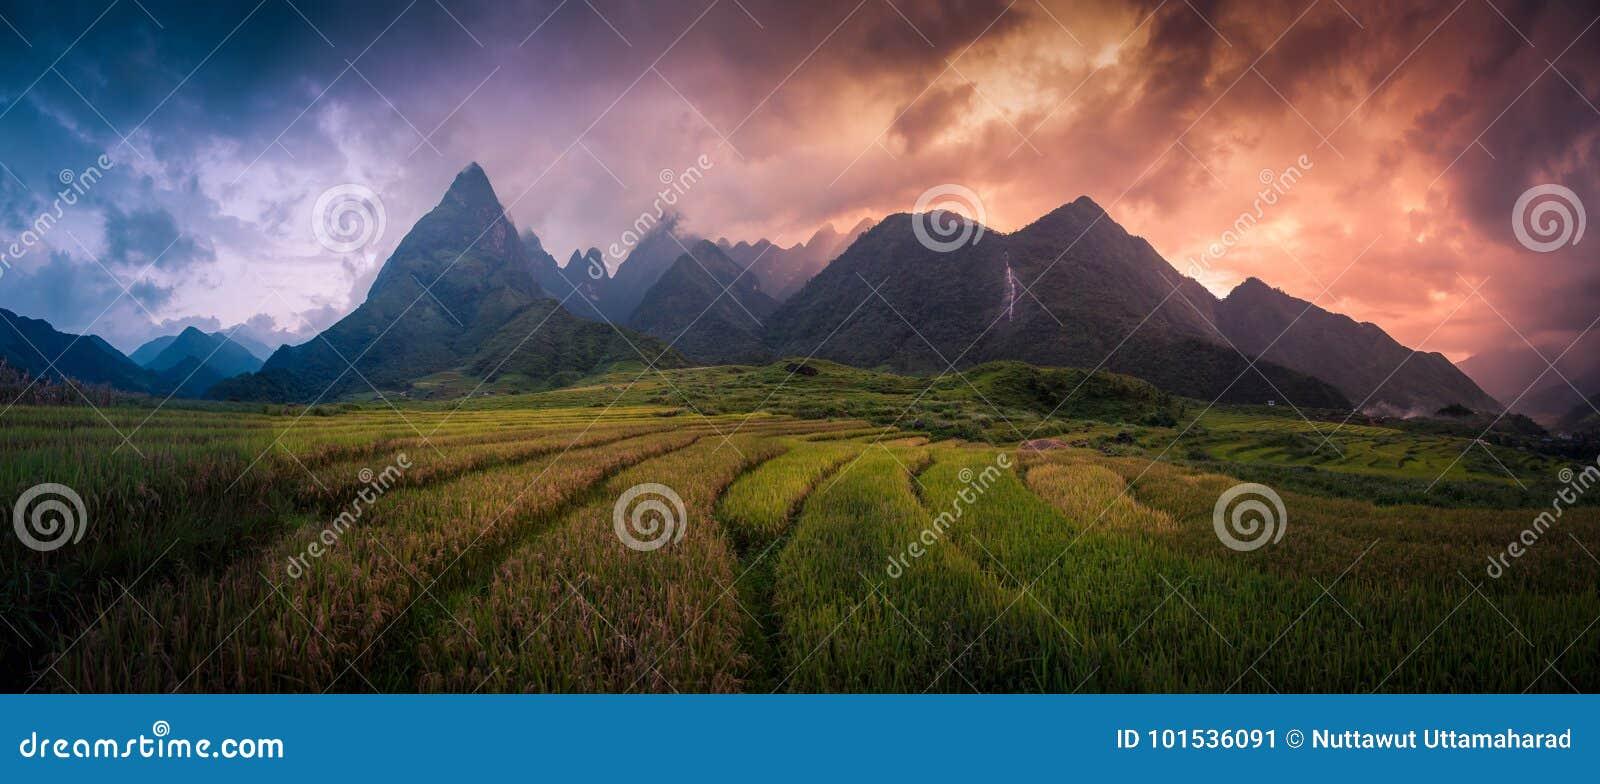 Padievelden op terrasvormig met de achtergrond van Onderstelfansipan bij zonsondergang in Lao Cai, Noordelijk Vietnam Fansipan is